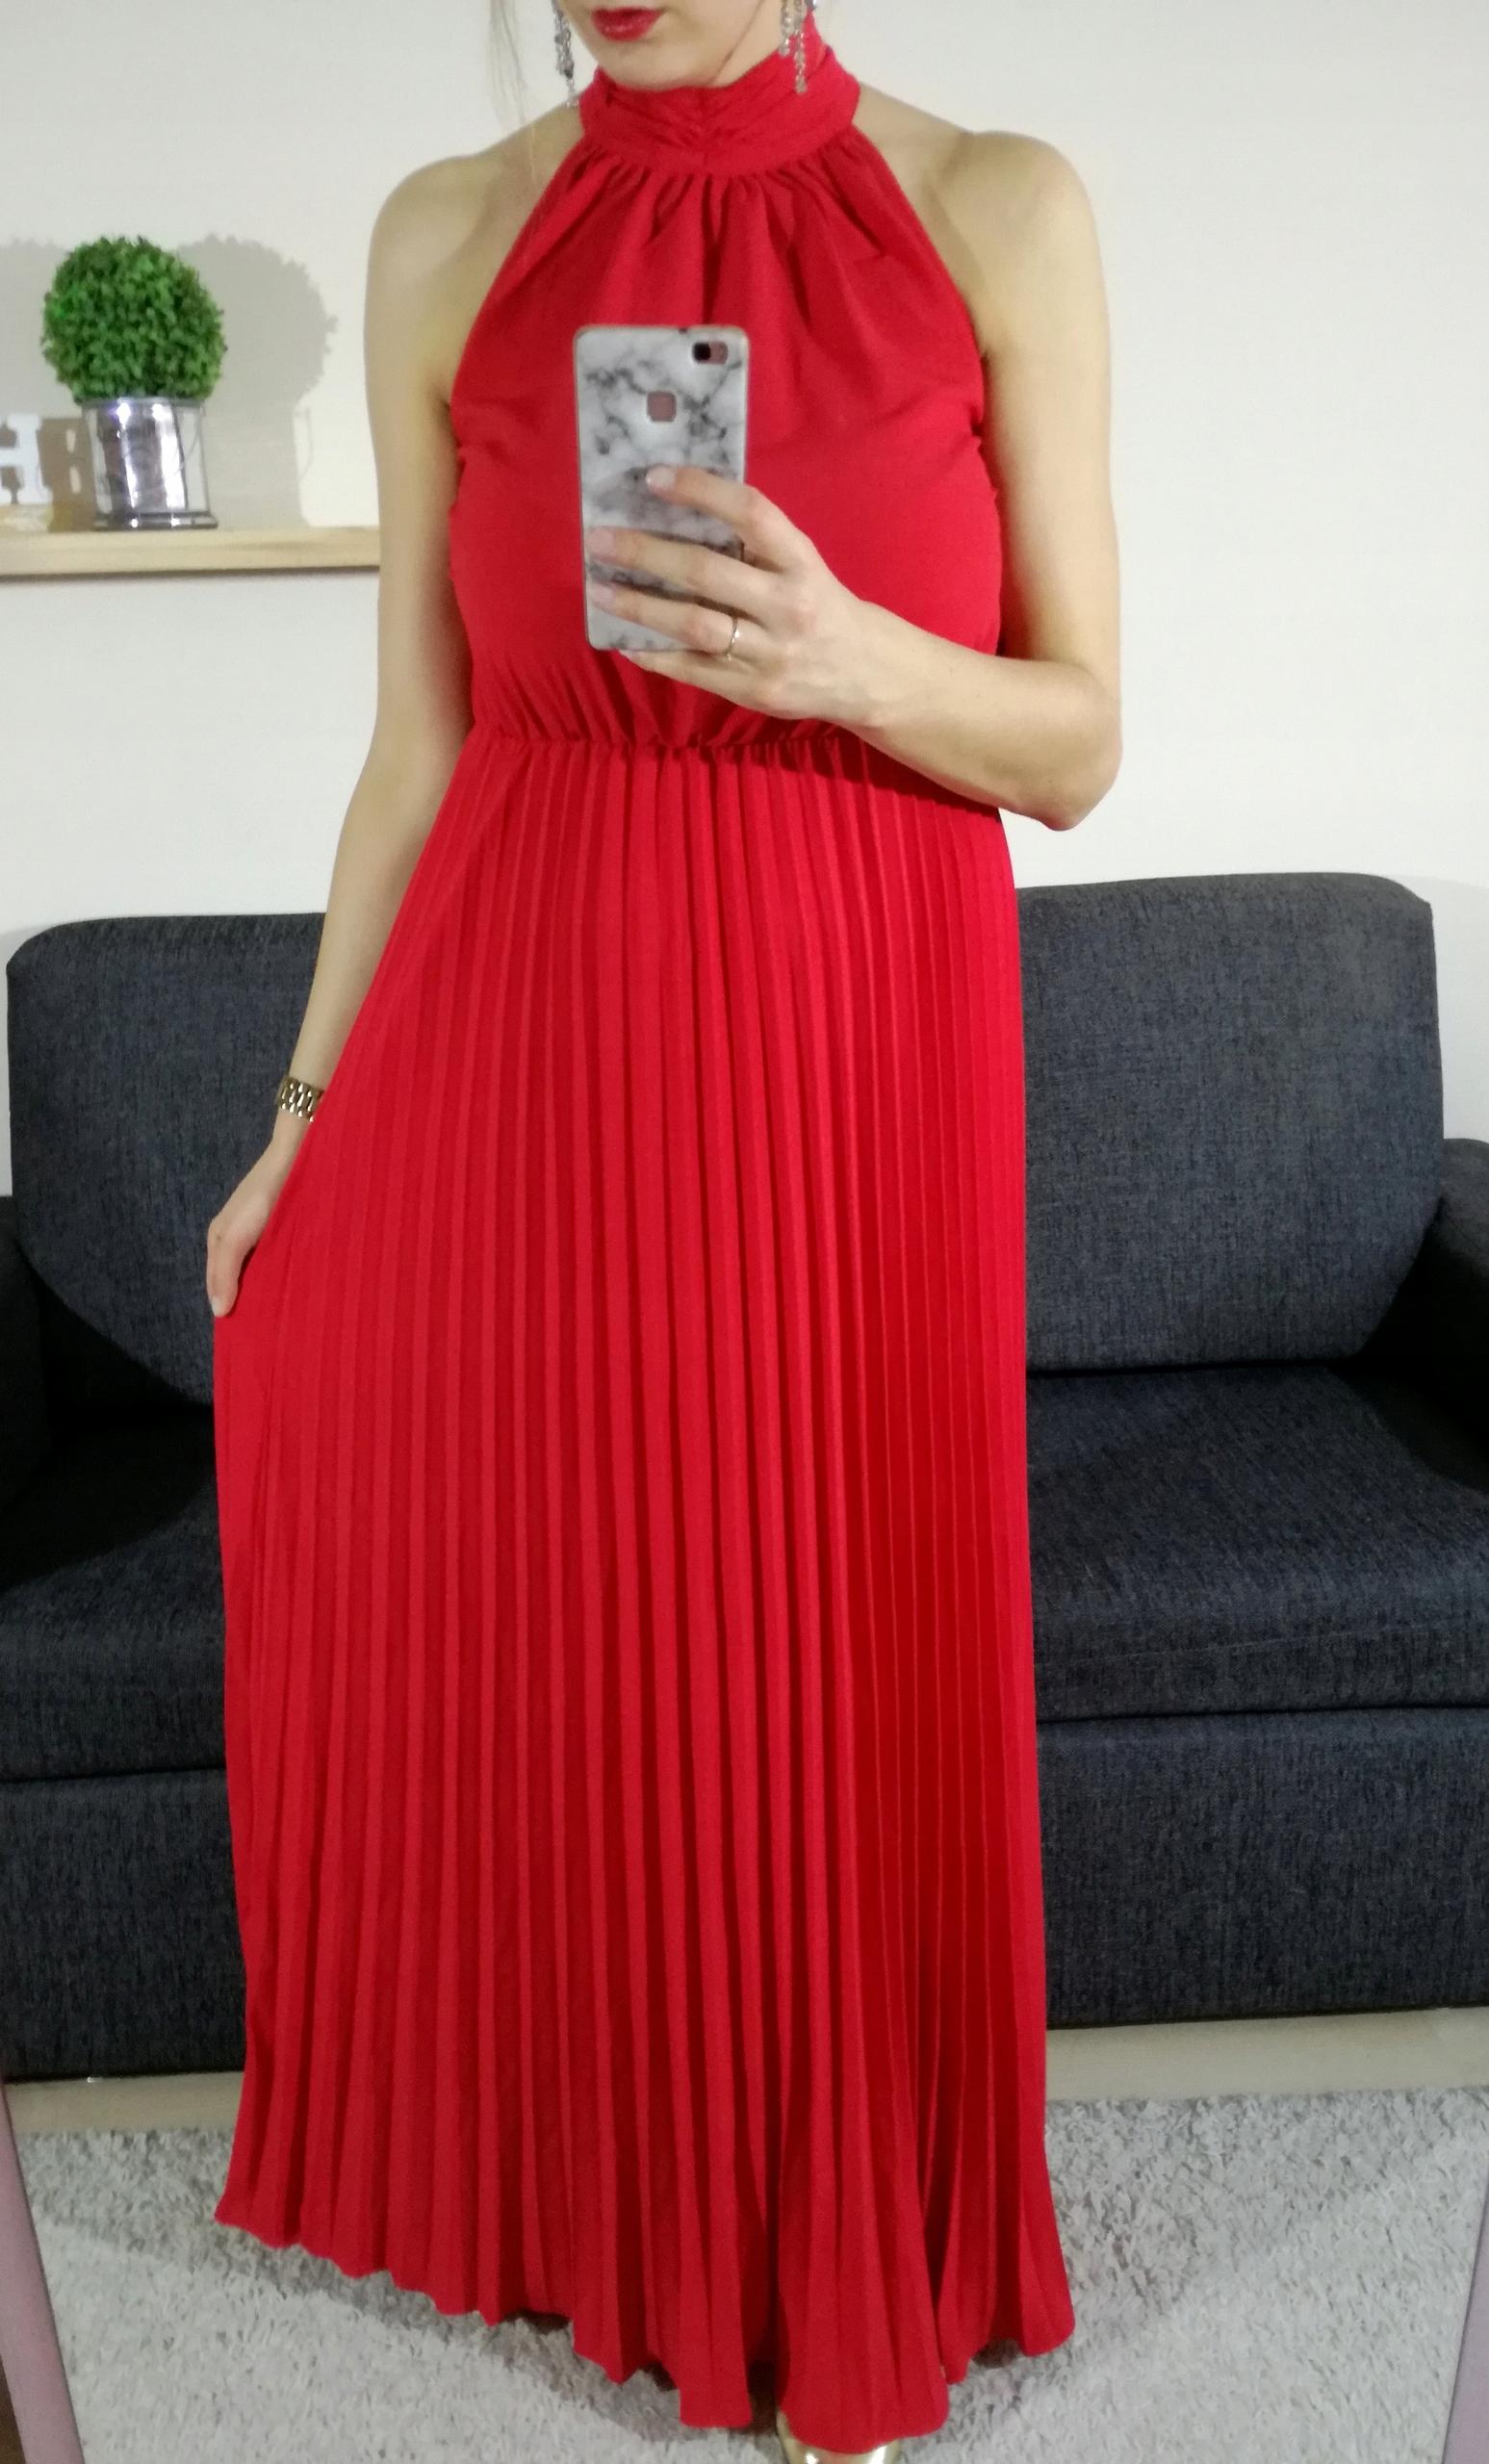 501c109adff2a Czerwona długa sukienka, maxi, studniówka jak ASOS - 7699976066 ...